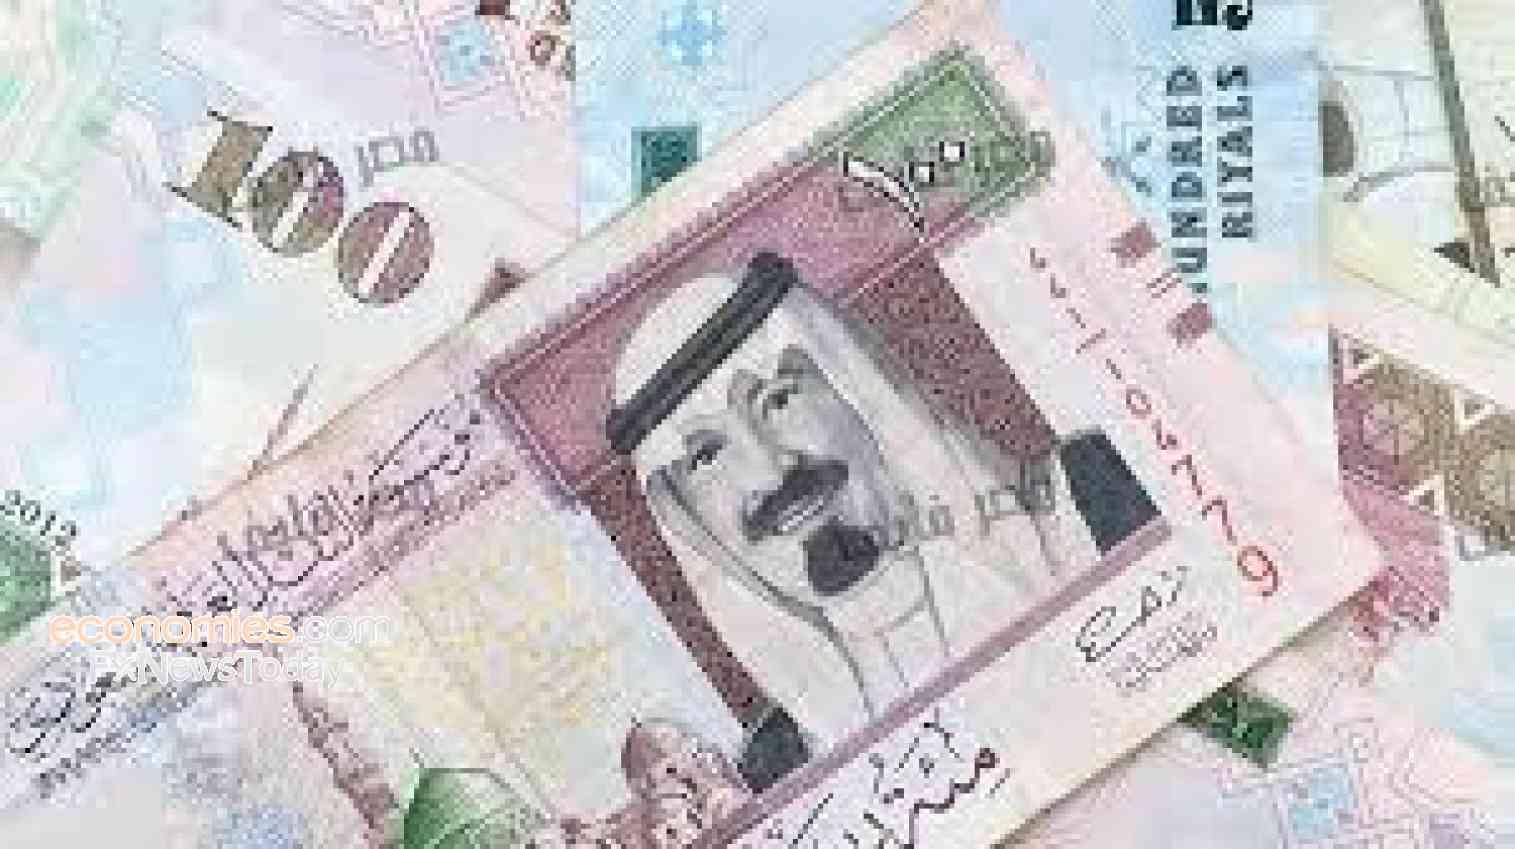 Saudi Ceramics FY18 losses widen 127%